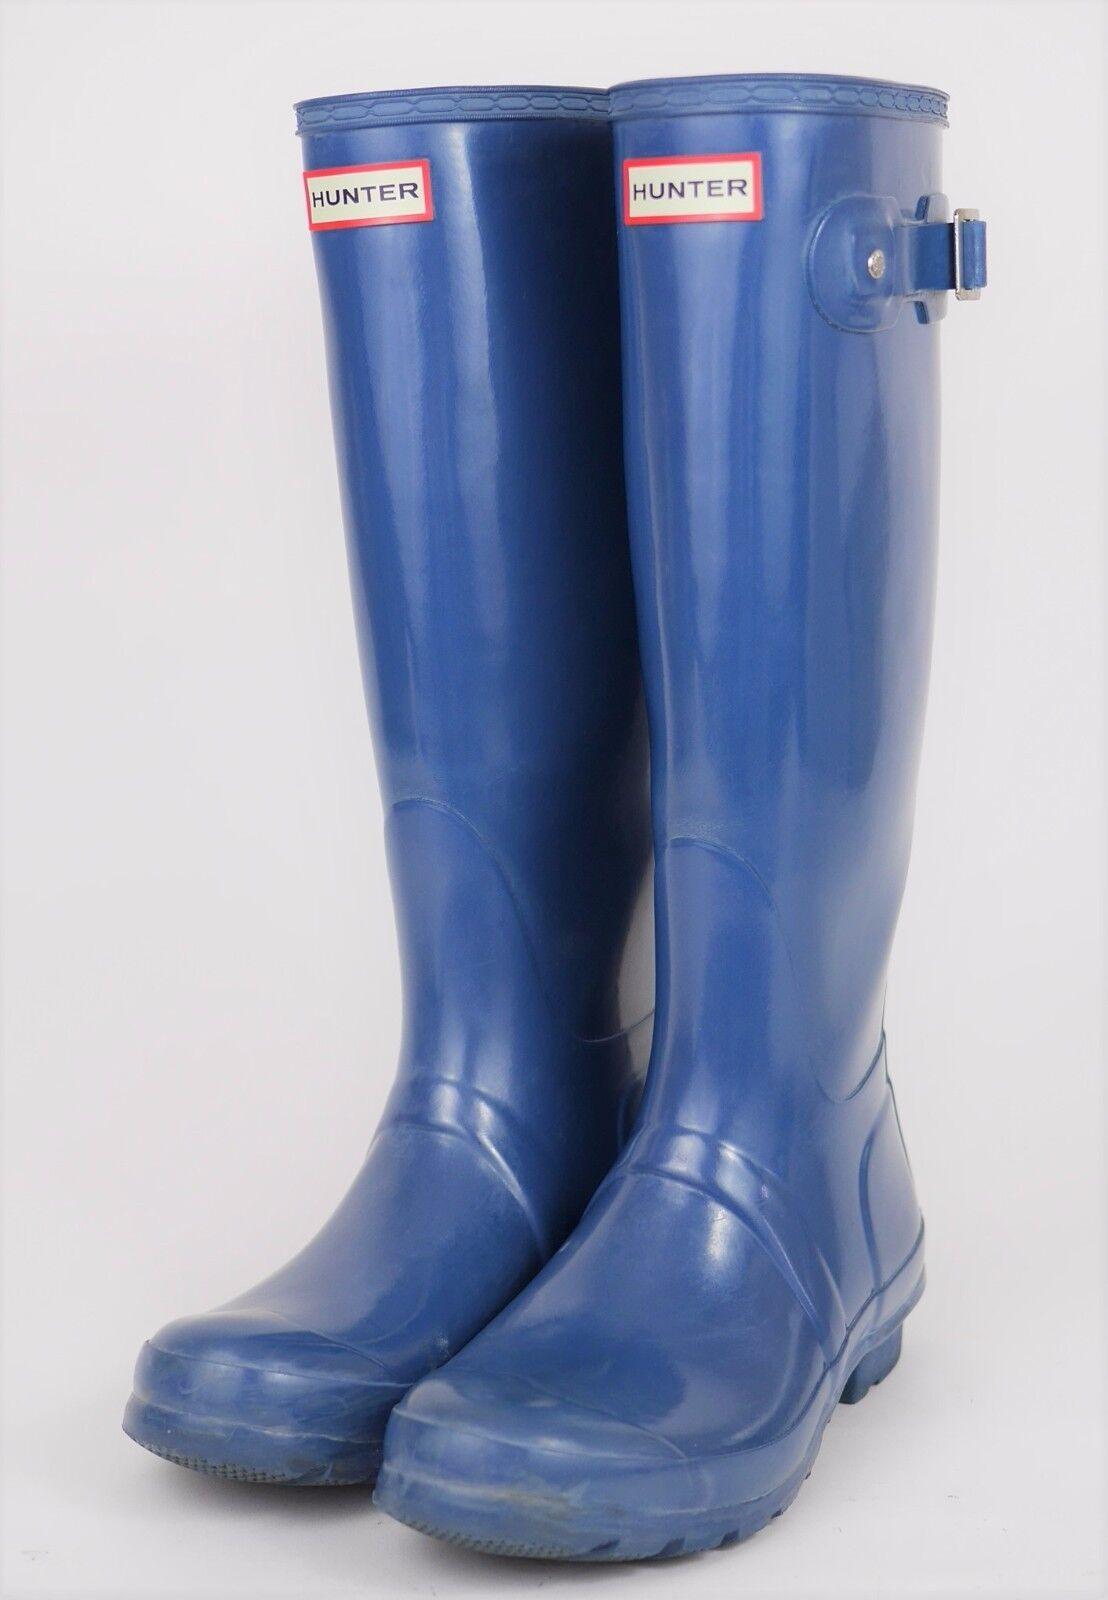 HUNTER Wellington Original Tall Rain Boots - TEAL blueE - Knee High - WOMEN'S 7